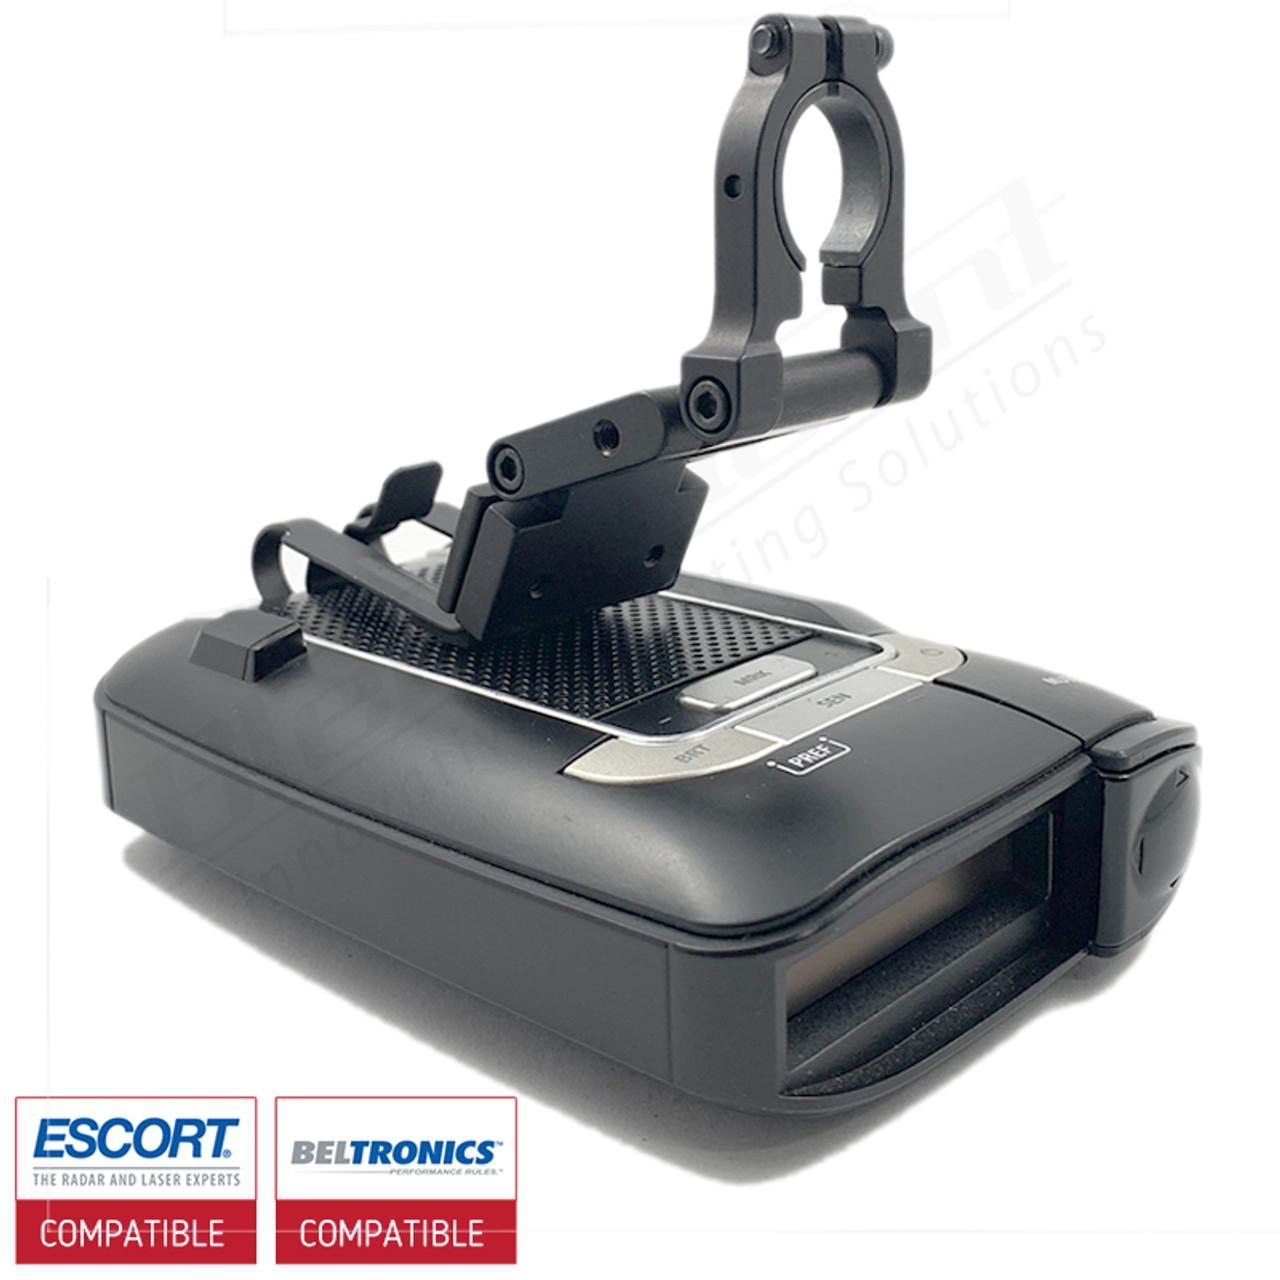 Aluminum Radar Detector Mount for Bel GT/Escort Max 360, Max2/Max/Max II,  Standard Series